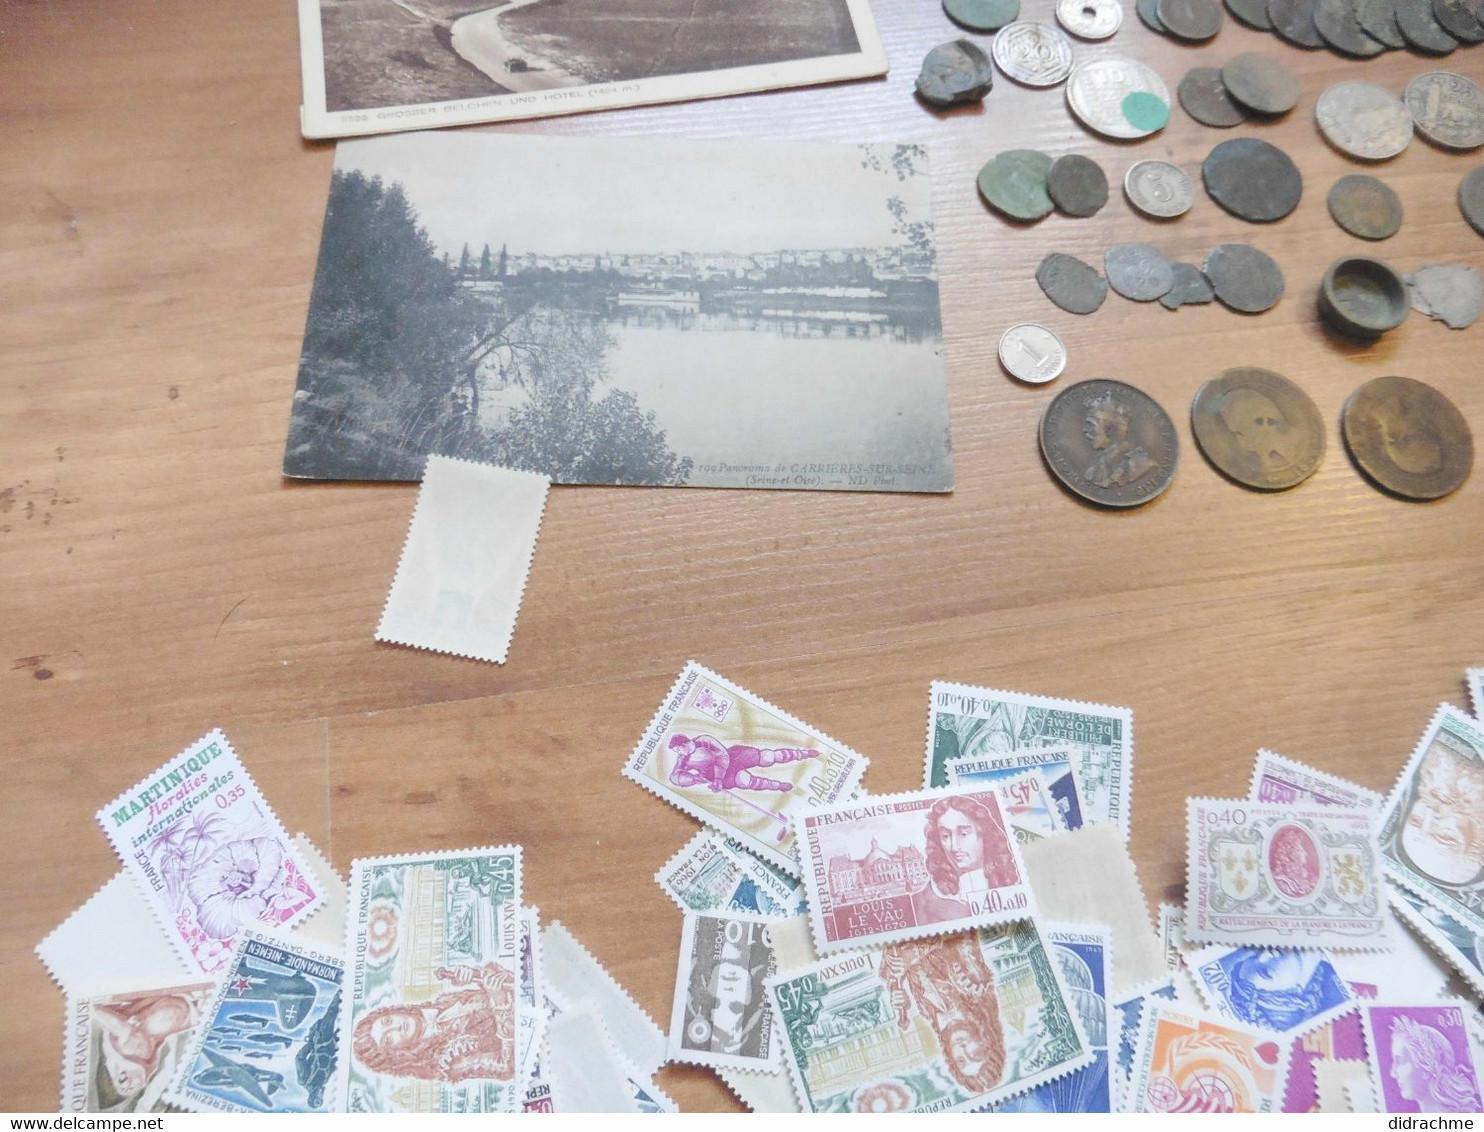 Beau Lot Varié ! Cpa Cpsm Monnaies Et Timbres Pour Affranchissement  Paypal Possible . Nécessité Bronze Suisse Cuivre - I. 2 Francs